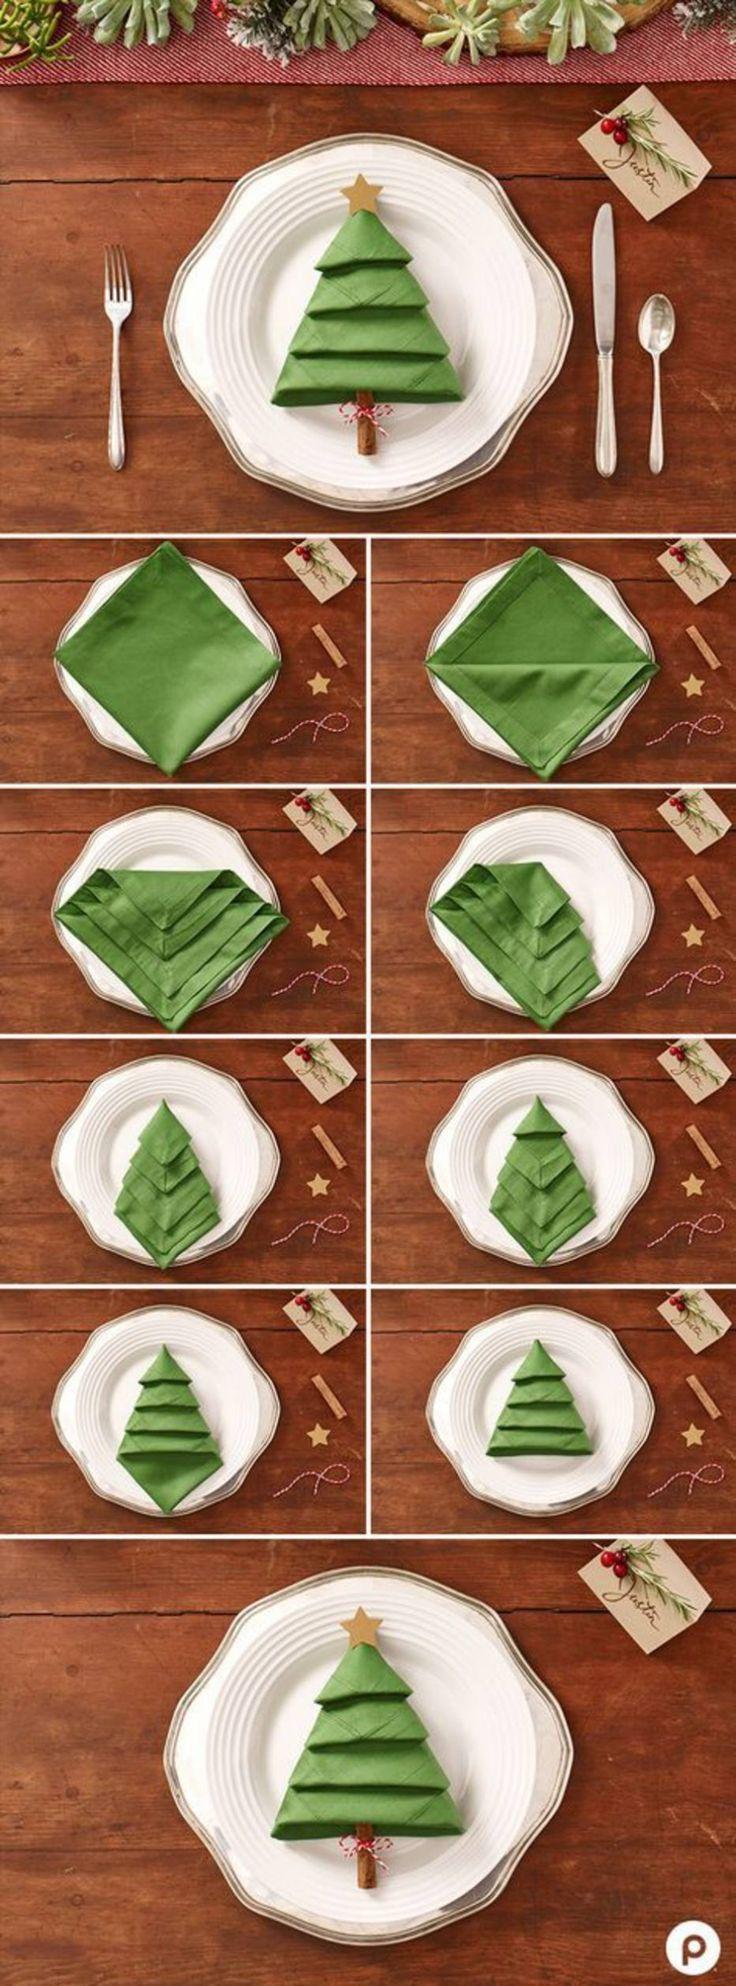 Enfeites artesanais podem ser preparados com itens baratos e fáceis de encontrar